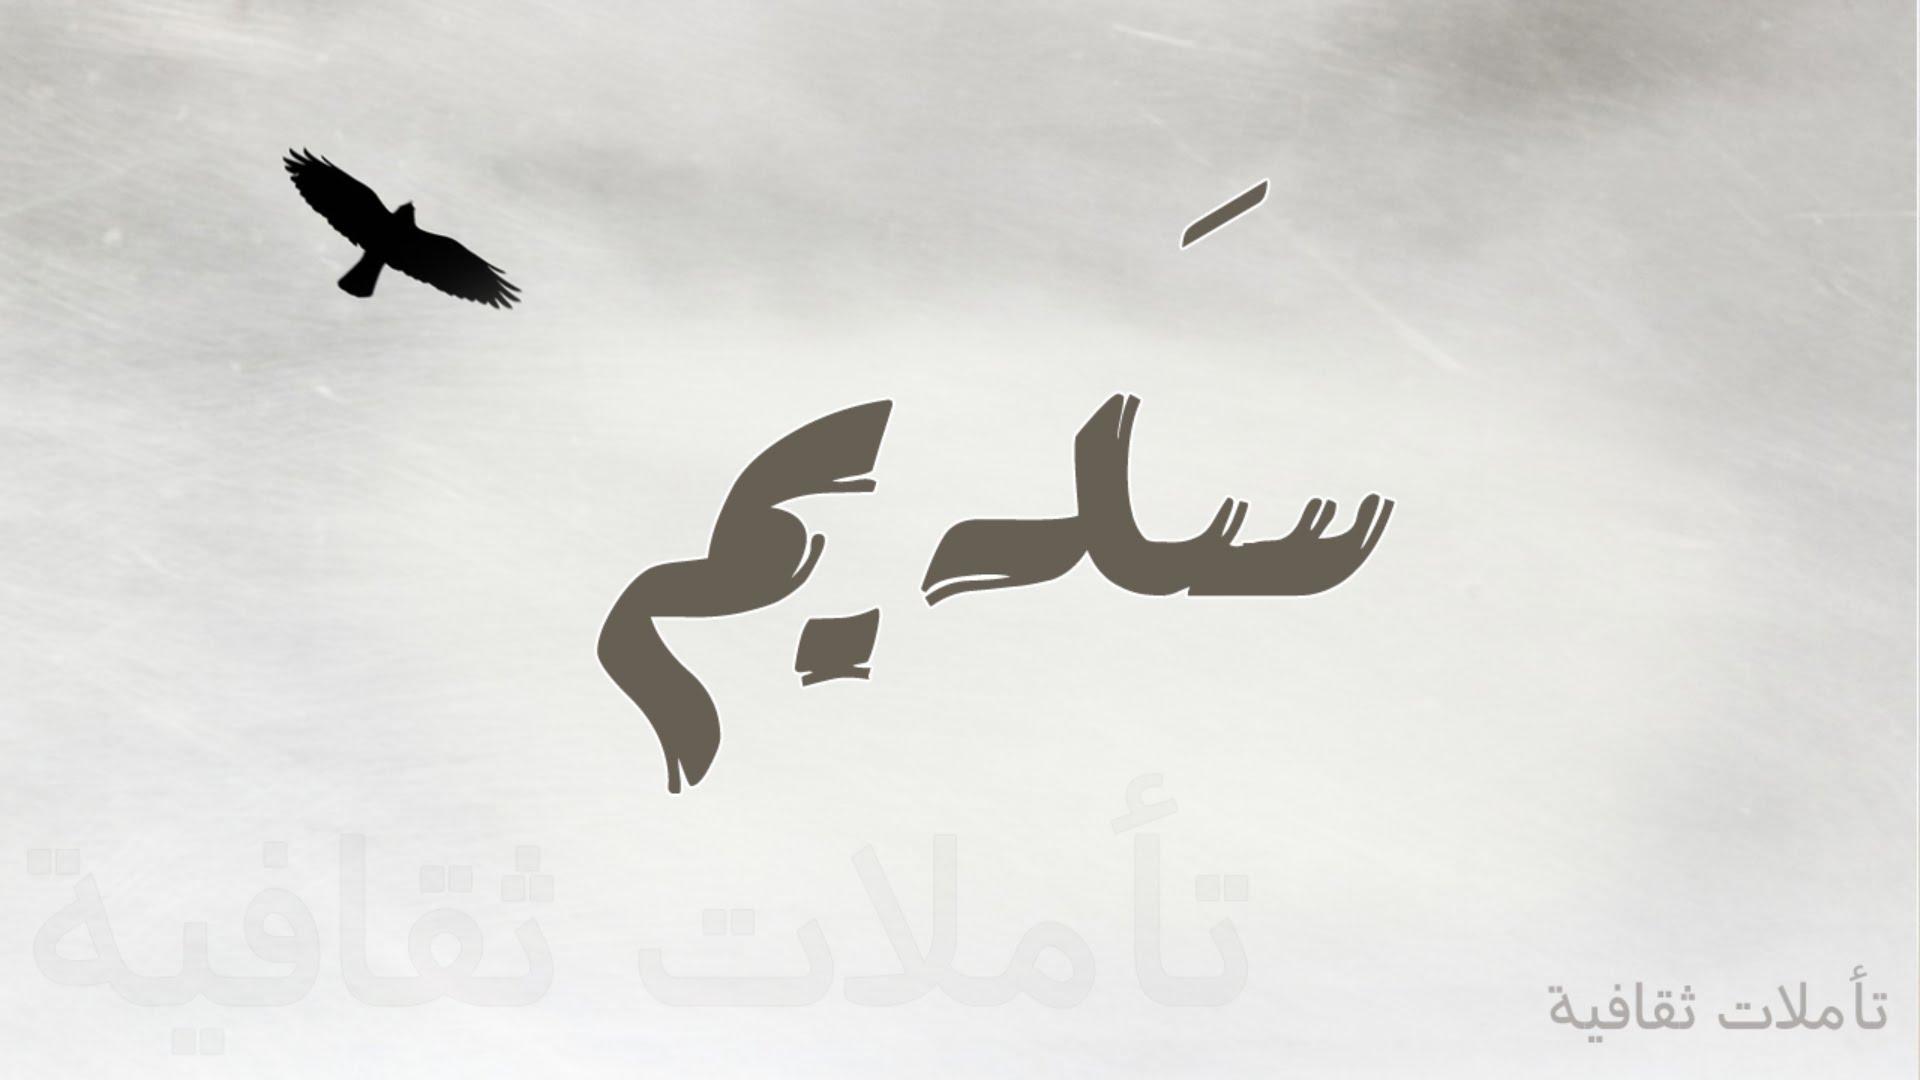 صوره معنى سديم , معنى اسم سديم واذا كان مخالف للشرع ام لا